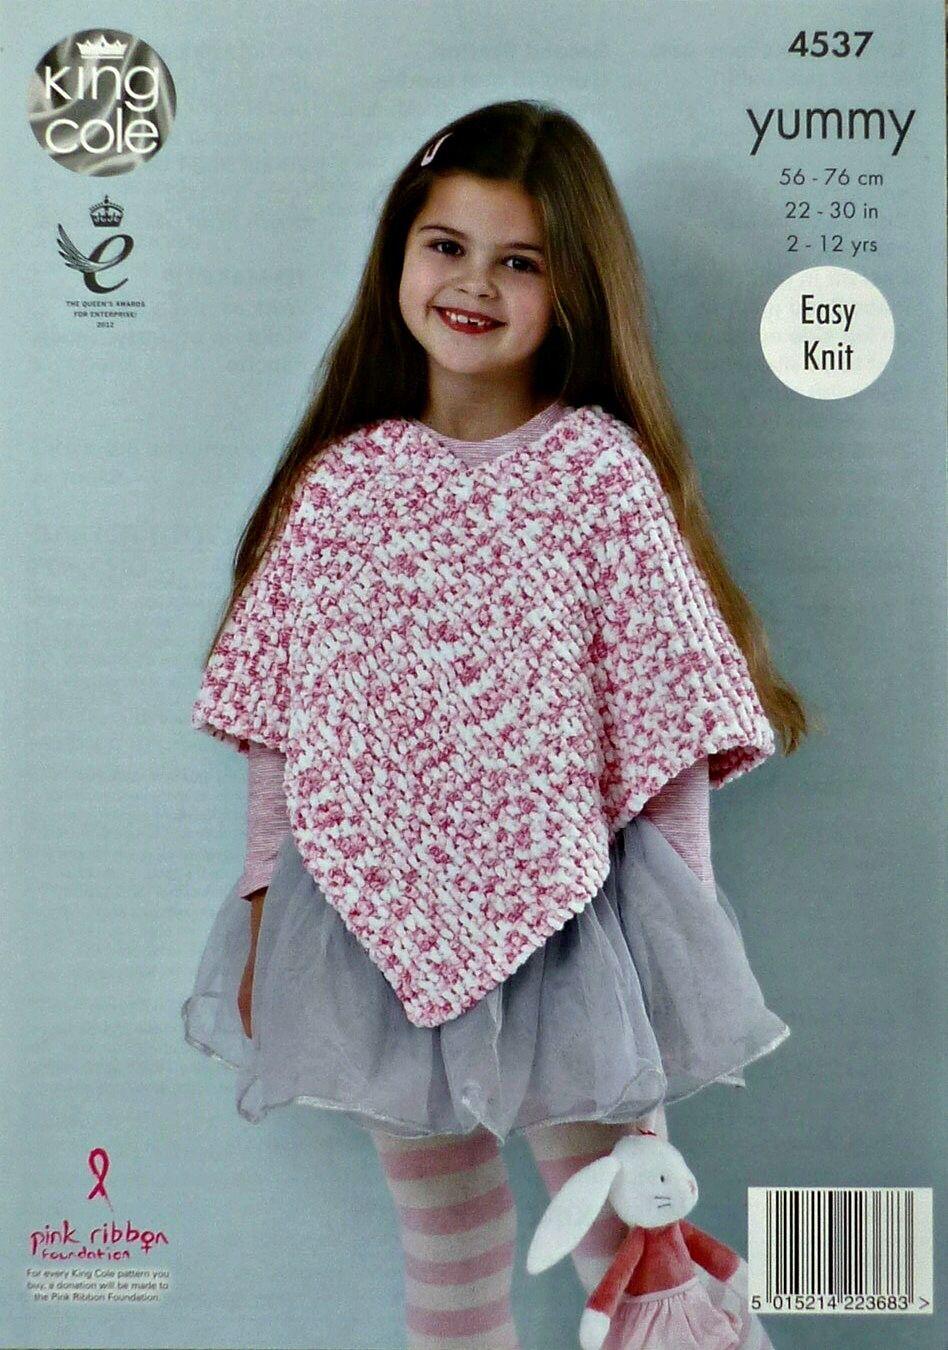 King Cole Yummy Knitting Pattern 4537 Easy Knit Ponchos   eBay